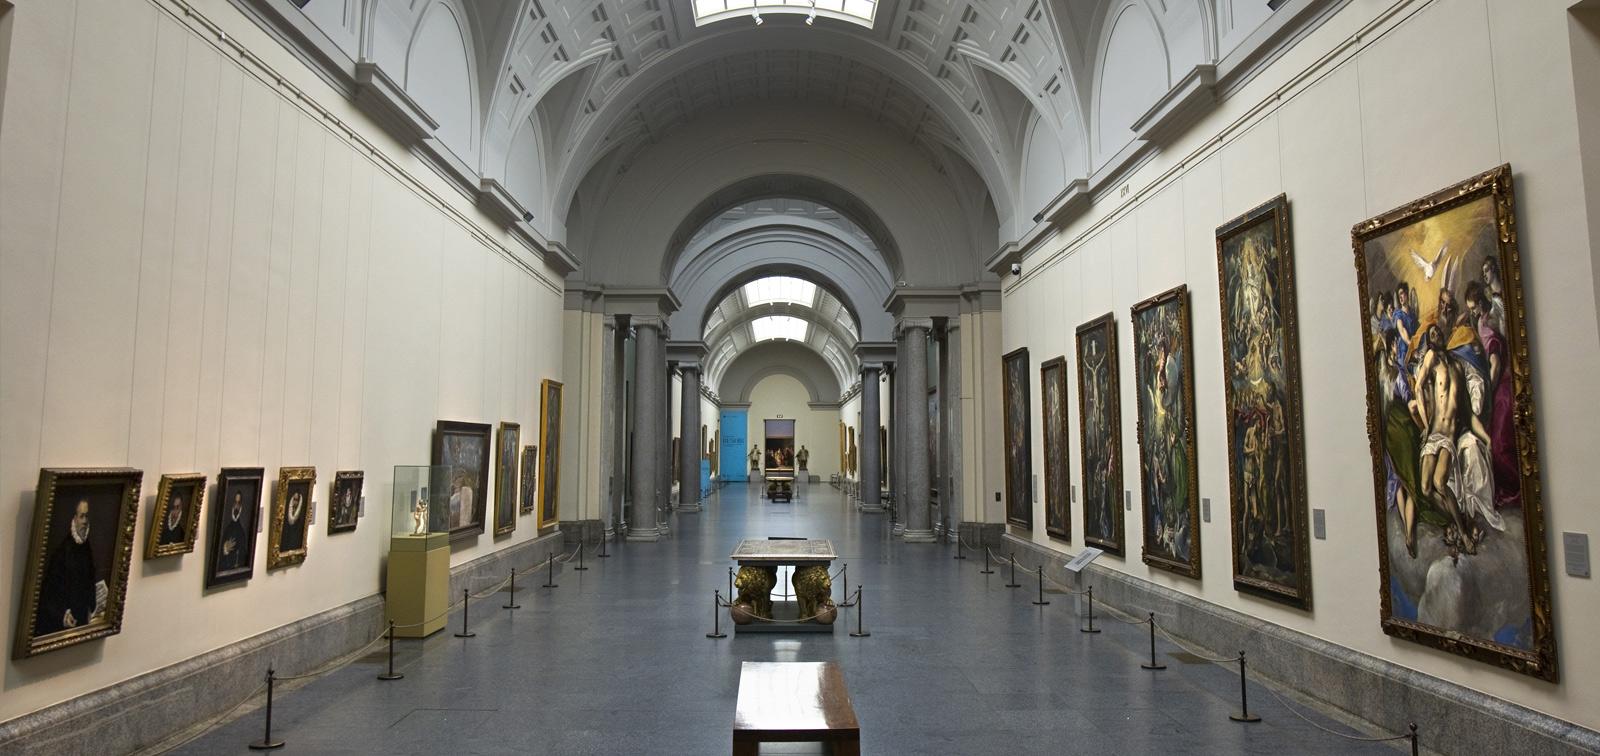 Becas 2019 Banco de España - Museo Nacional del Prado de formación e investigación en Conservación de Pintura Flamenca y Escuelas del Norte hasta 1.700 y en Conservación de Colección de Marcos